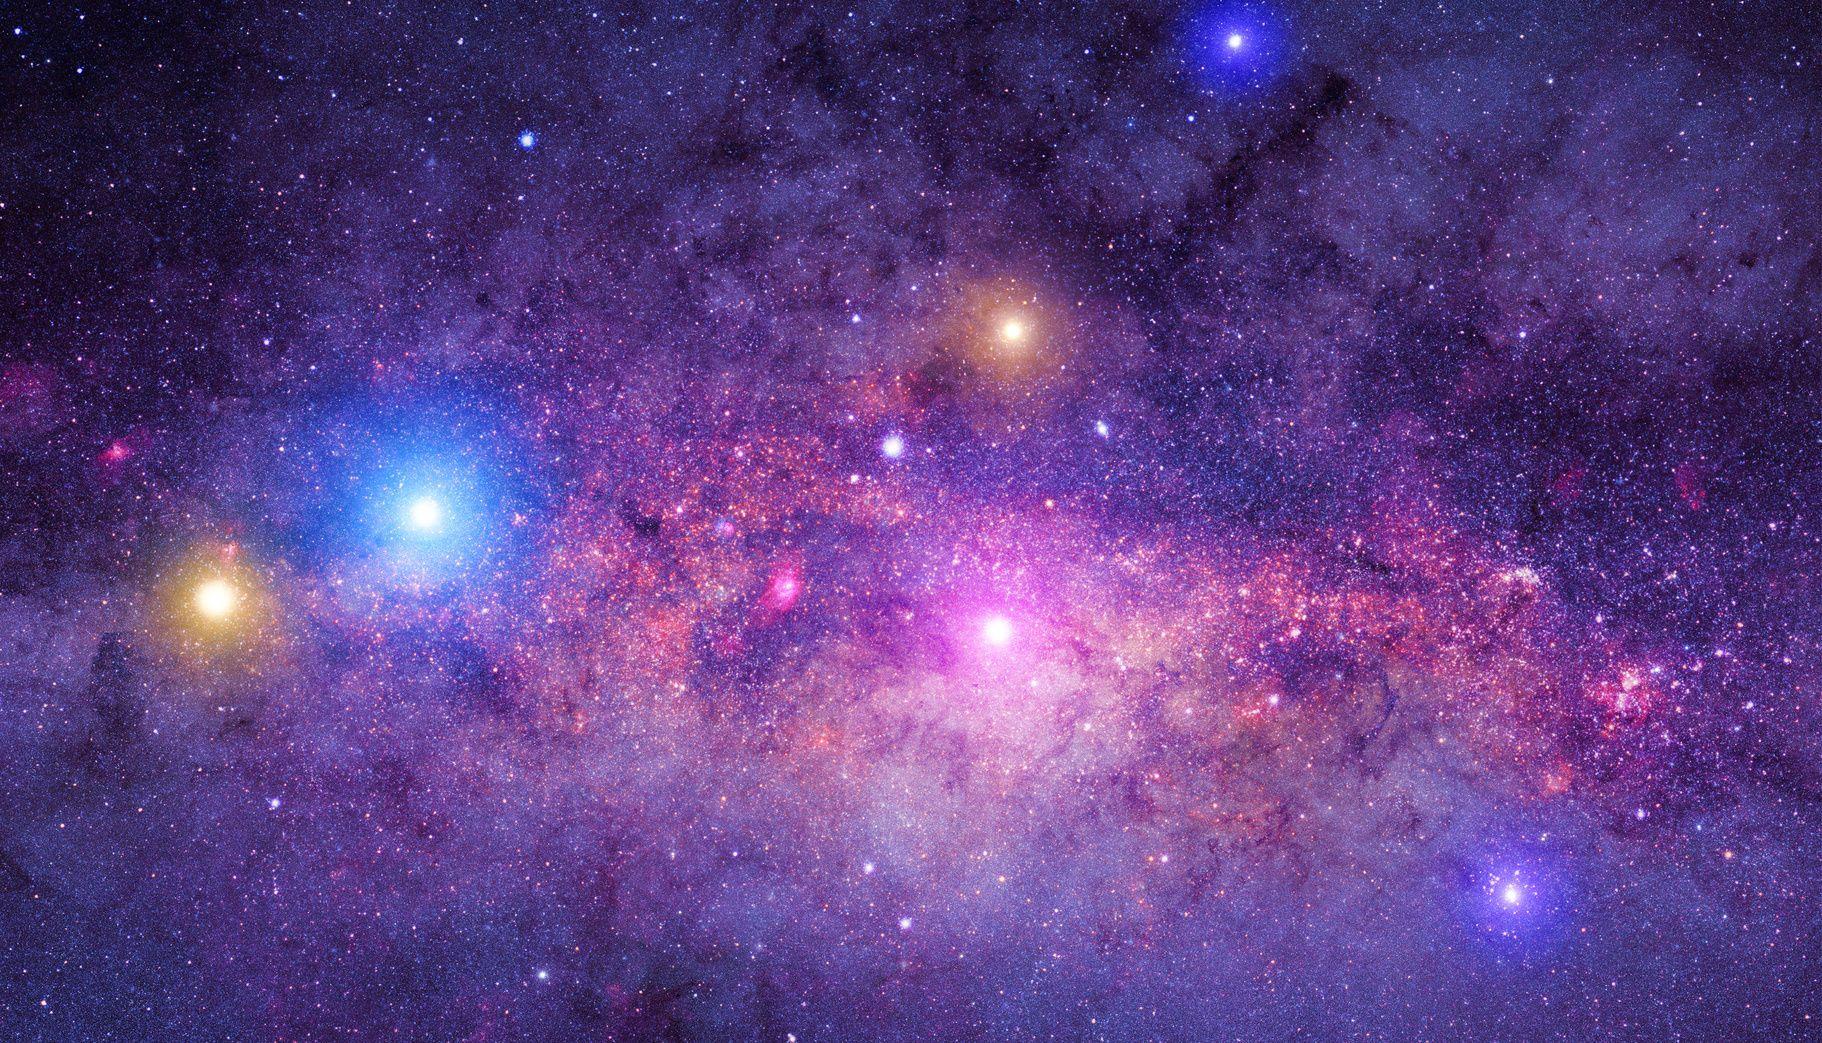 Des Chercheurs Ont Utilise Le Telescope Spatial Spitzer De La Nasa Pour Analyser La Lumiere Emise Galaxy Background Background For Photography Vinyl Wallpaper